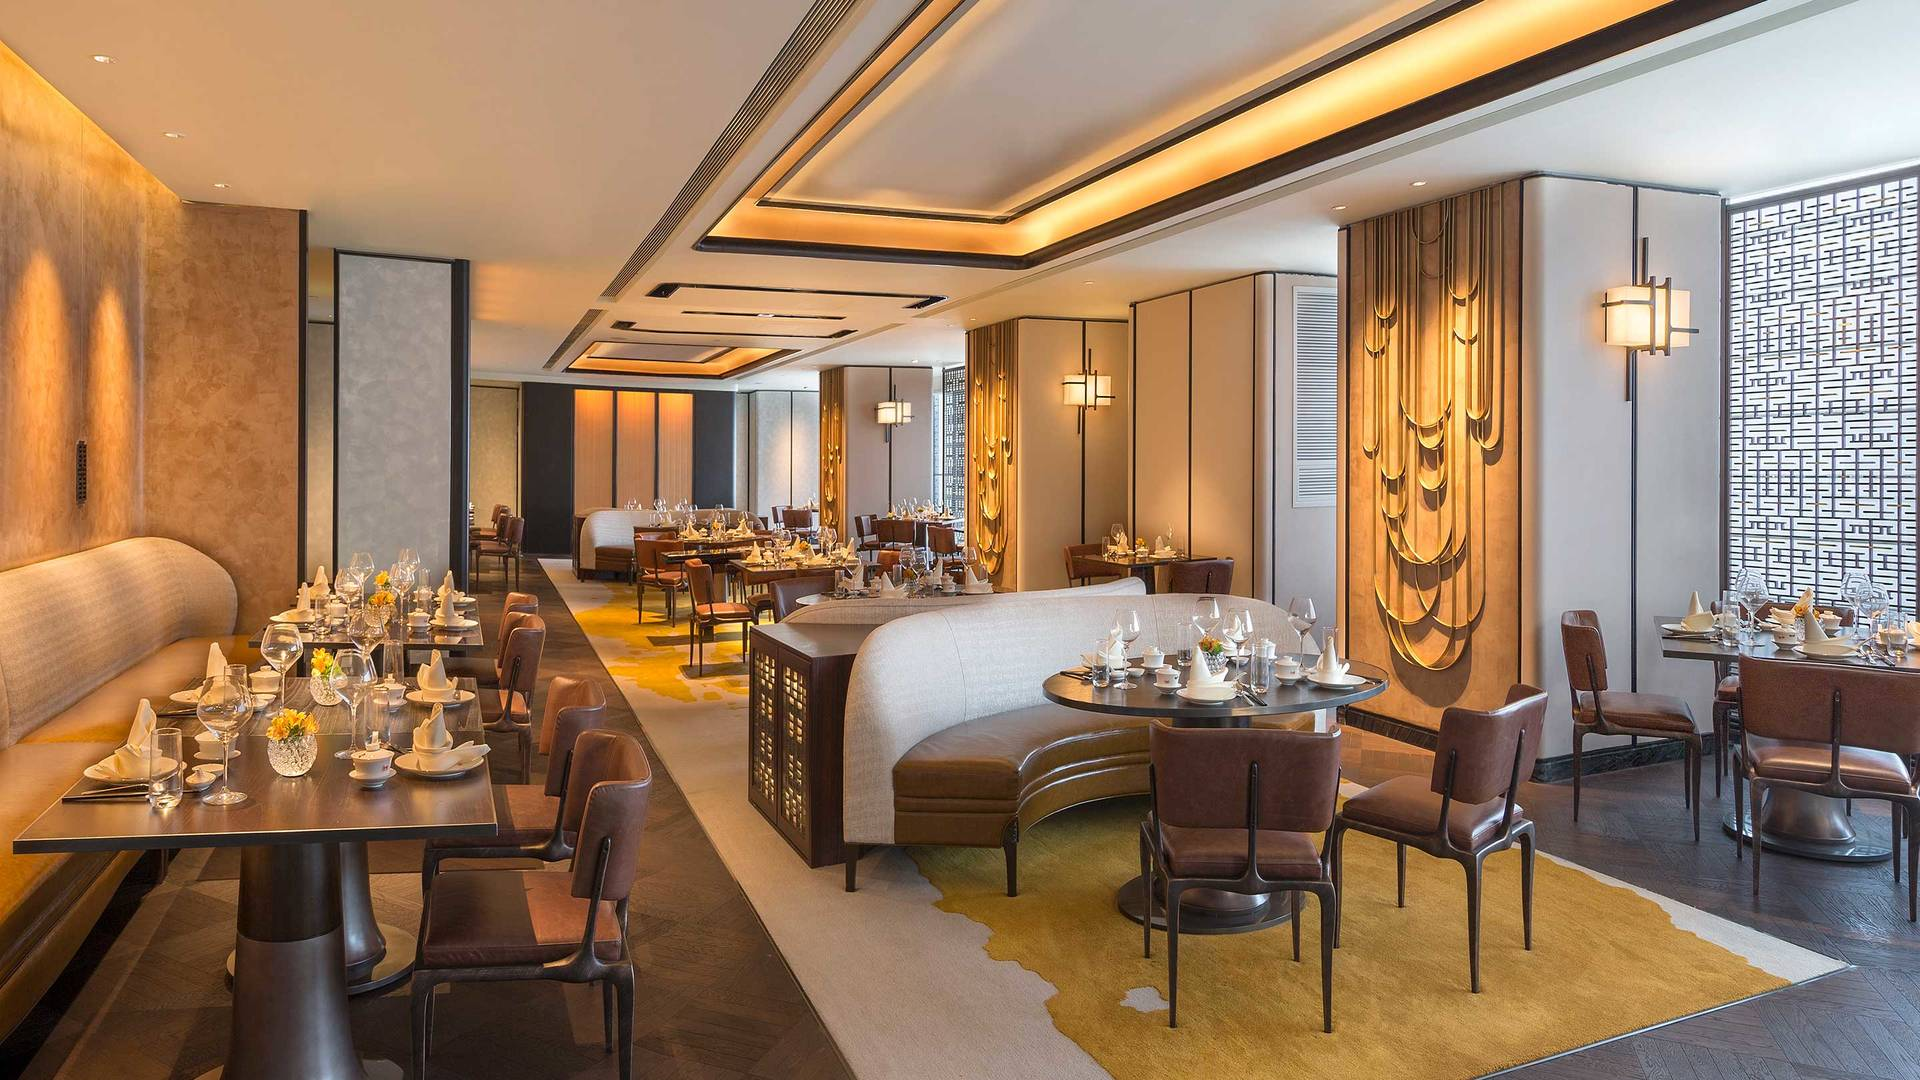 نانجينغ - جميرا نانجينغ، مطعم لو تشاو 16-9